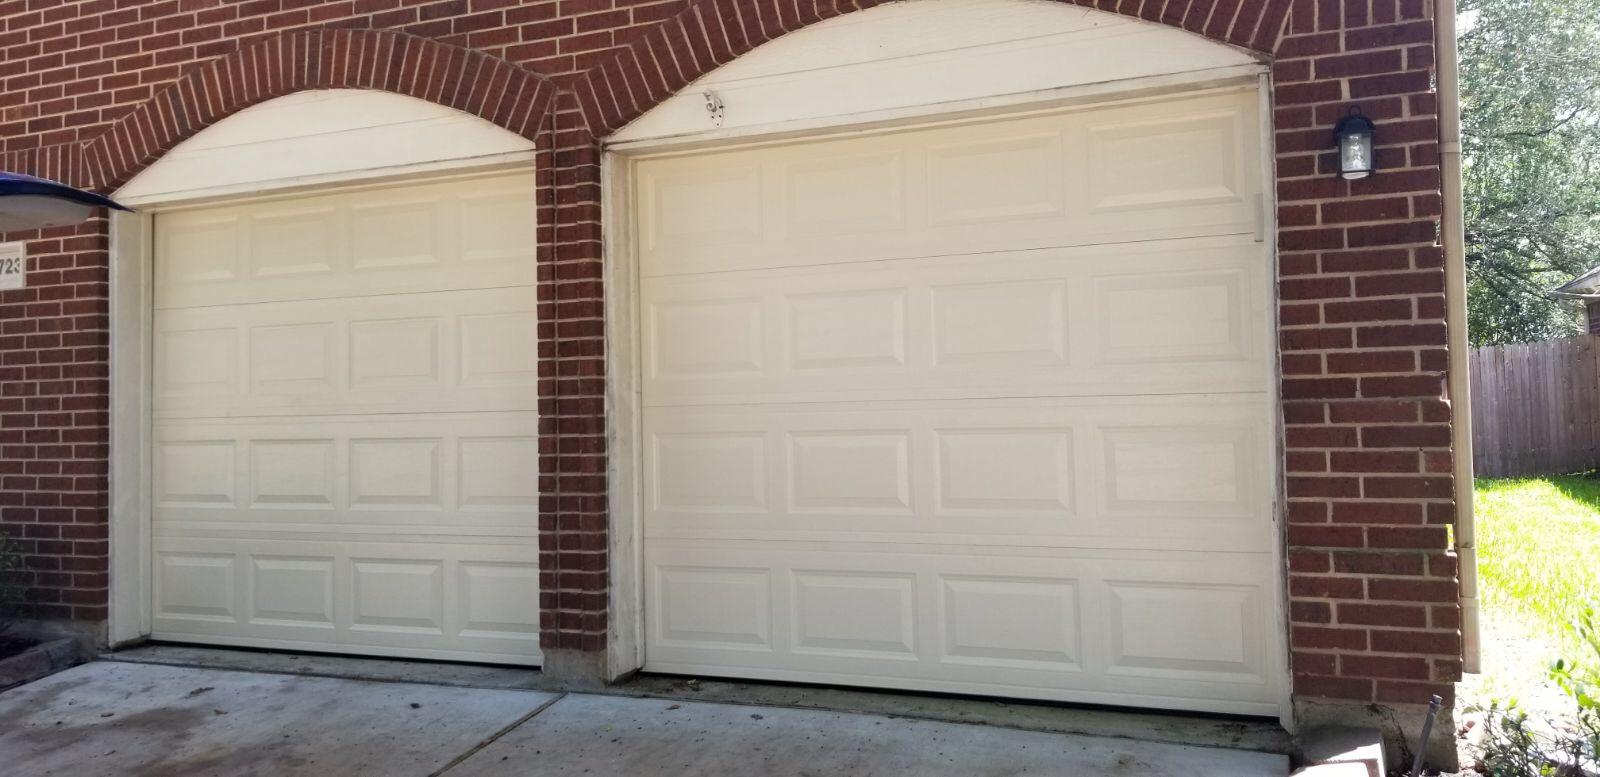 Garage door repair houston services installation for Houston garage door repair